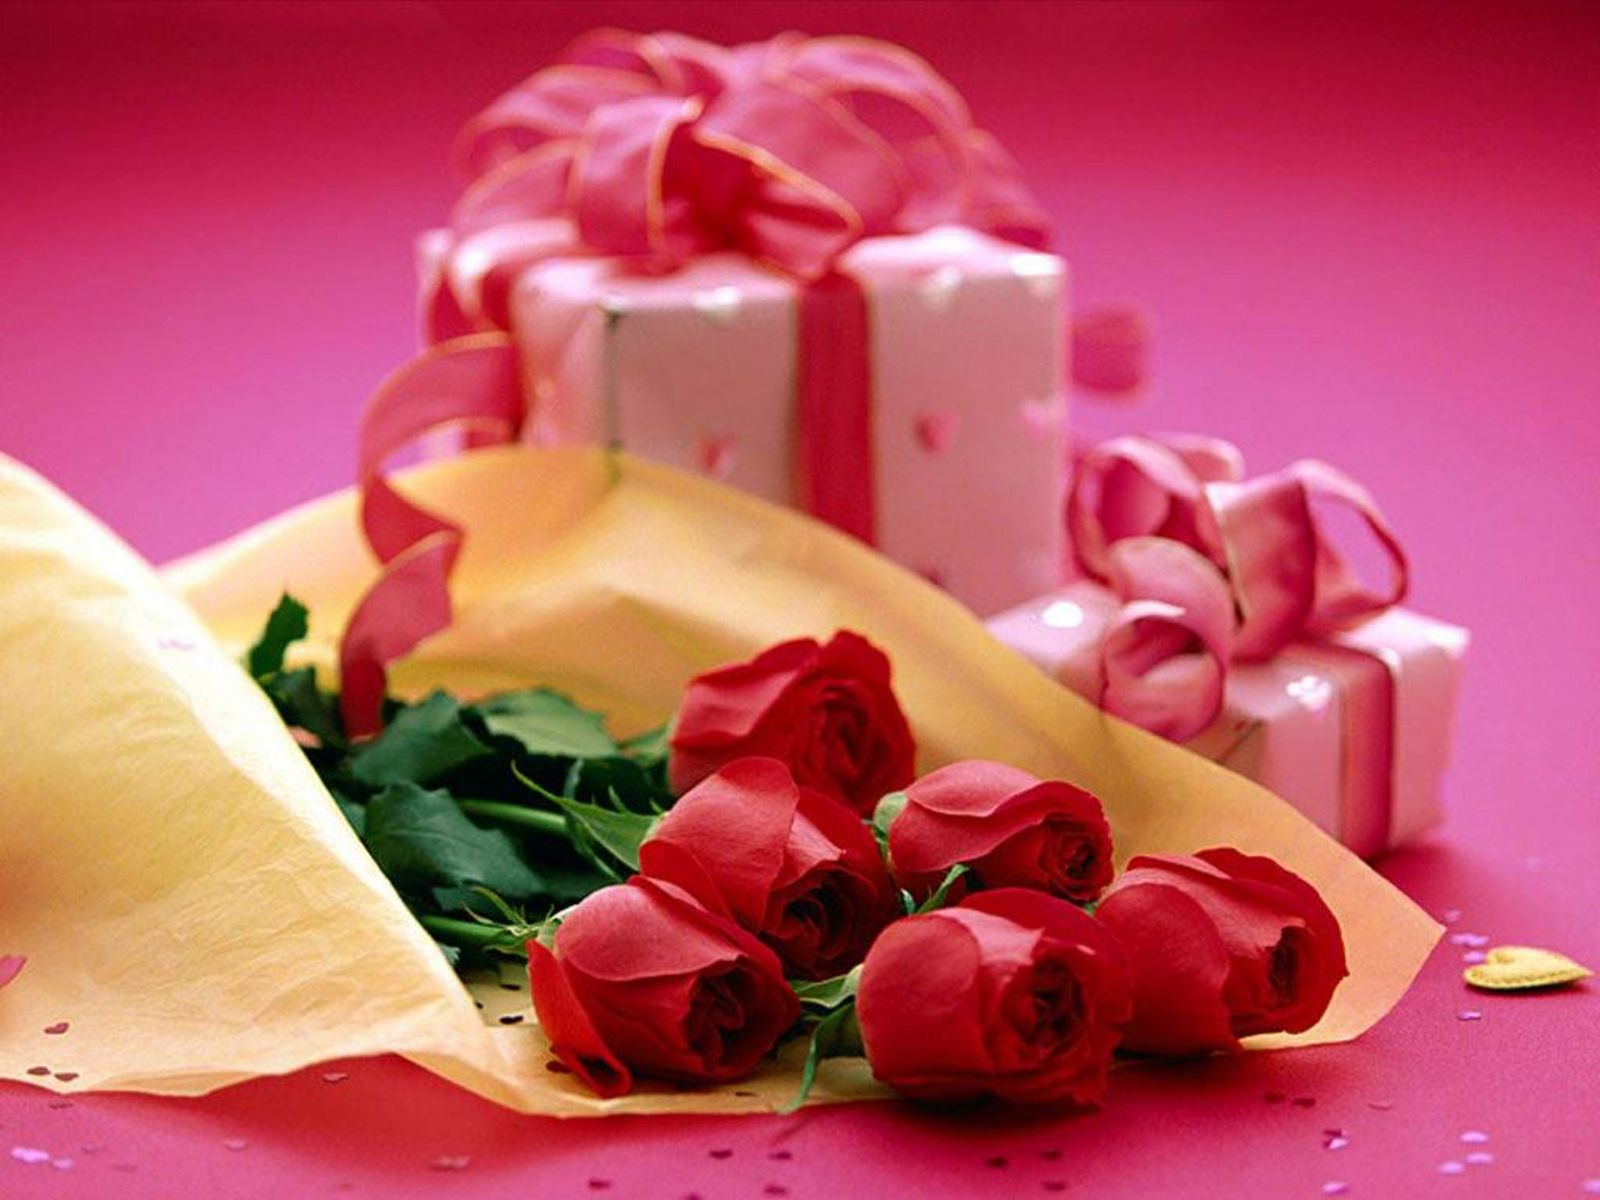 http://2.bp.blogspot.com/-Cr1McAGZeJA/TltbC2_NaYI/AAAAAAAAErE/dUODs7_-qaY/s1600/lovely-gifts-wallpaper.JPG